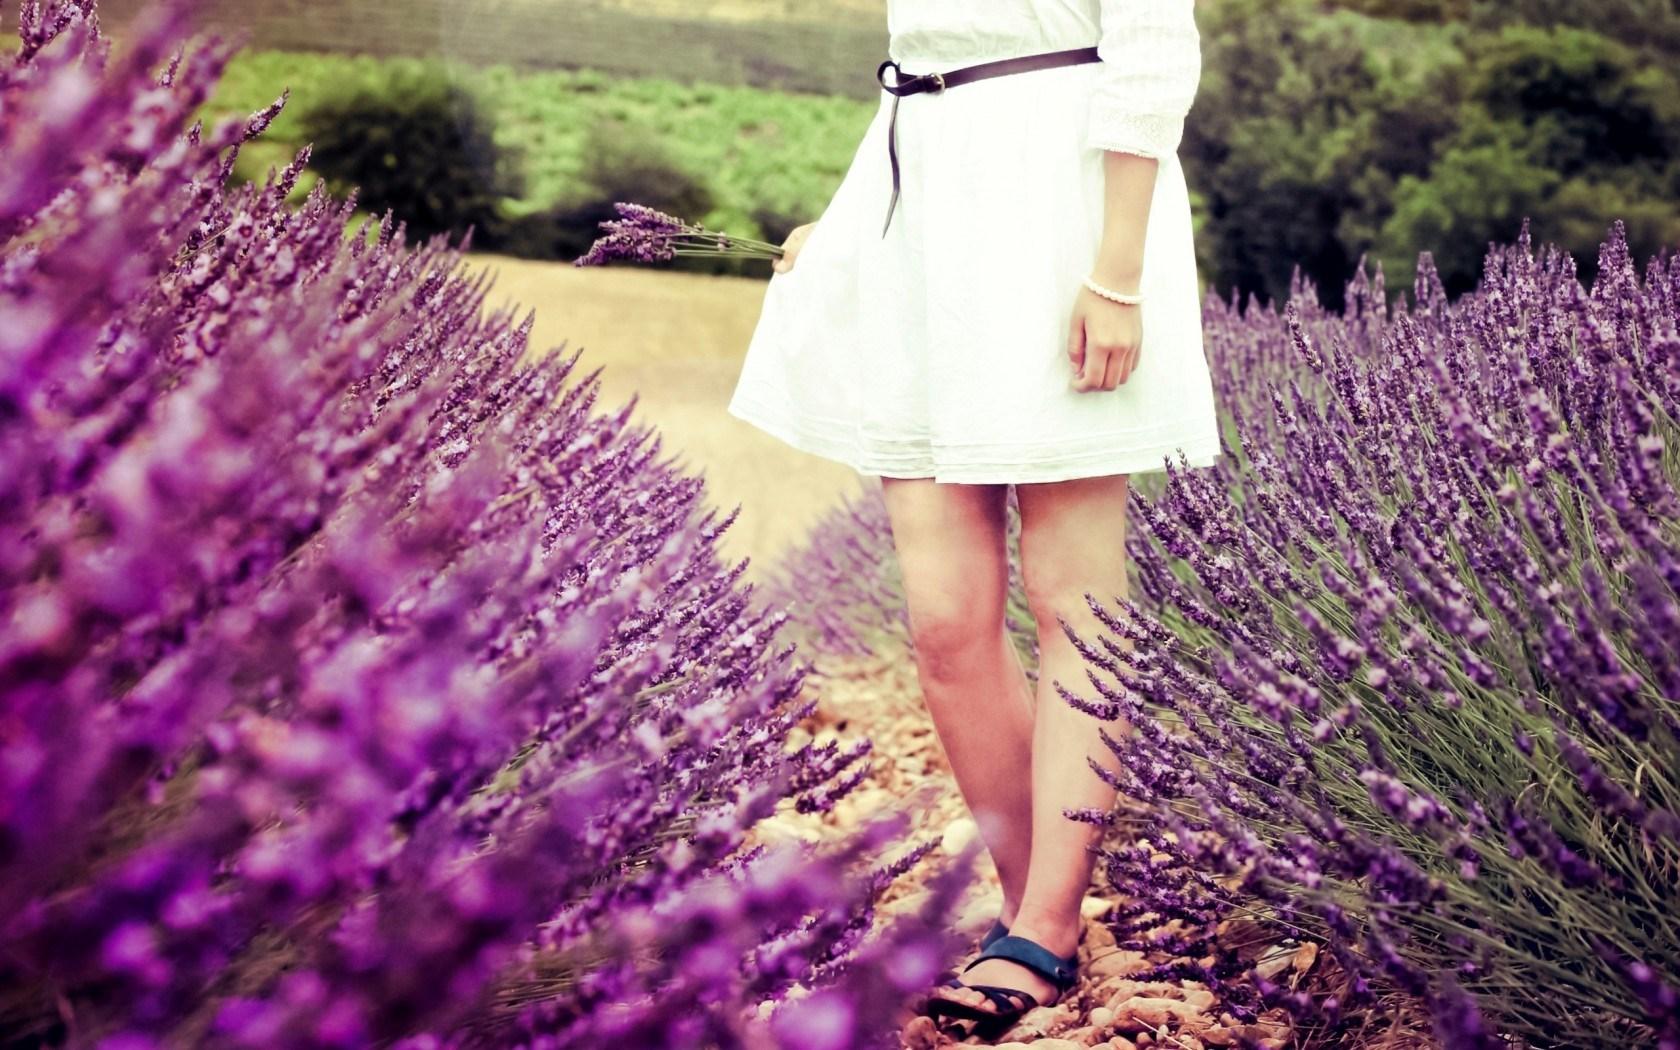 Mood Macro Flowers Lavender Purple Field Girl Legs Dress